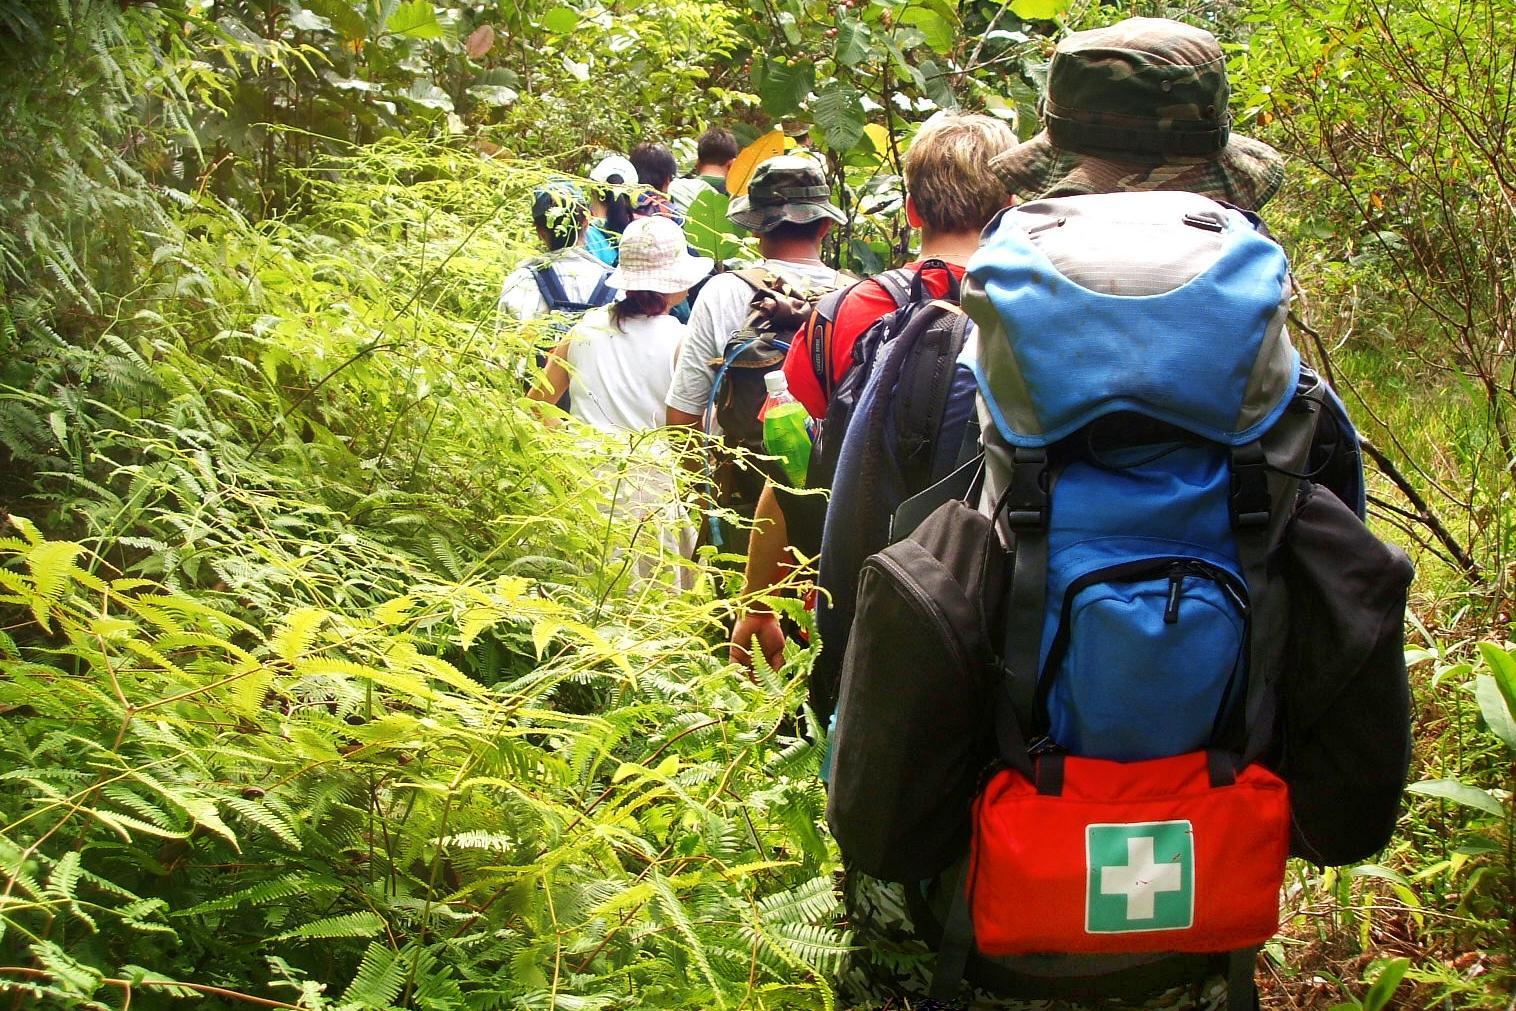 706_10-artículos-esenciales-para-acampar-que-son-fáciles-de-transportar